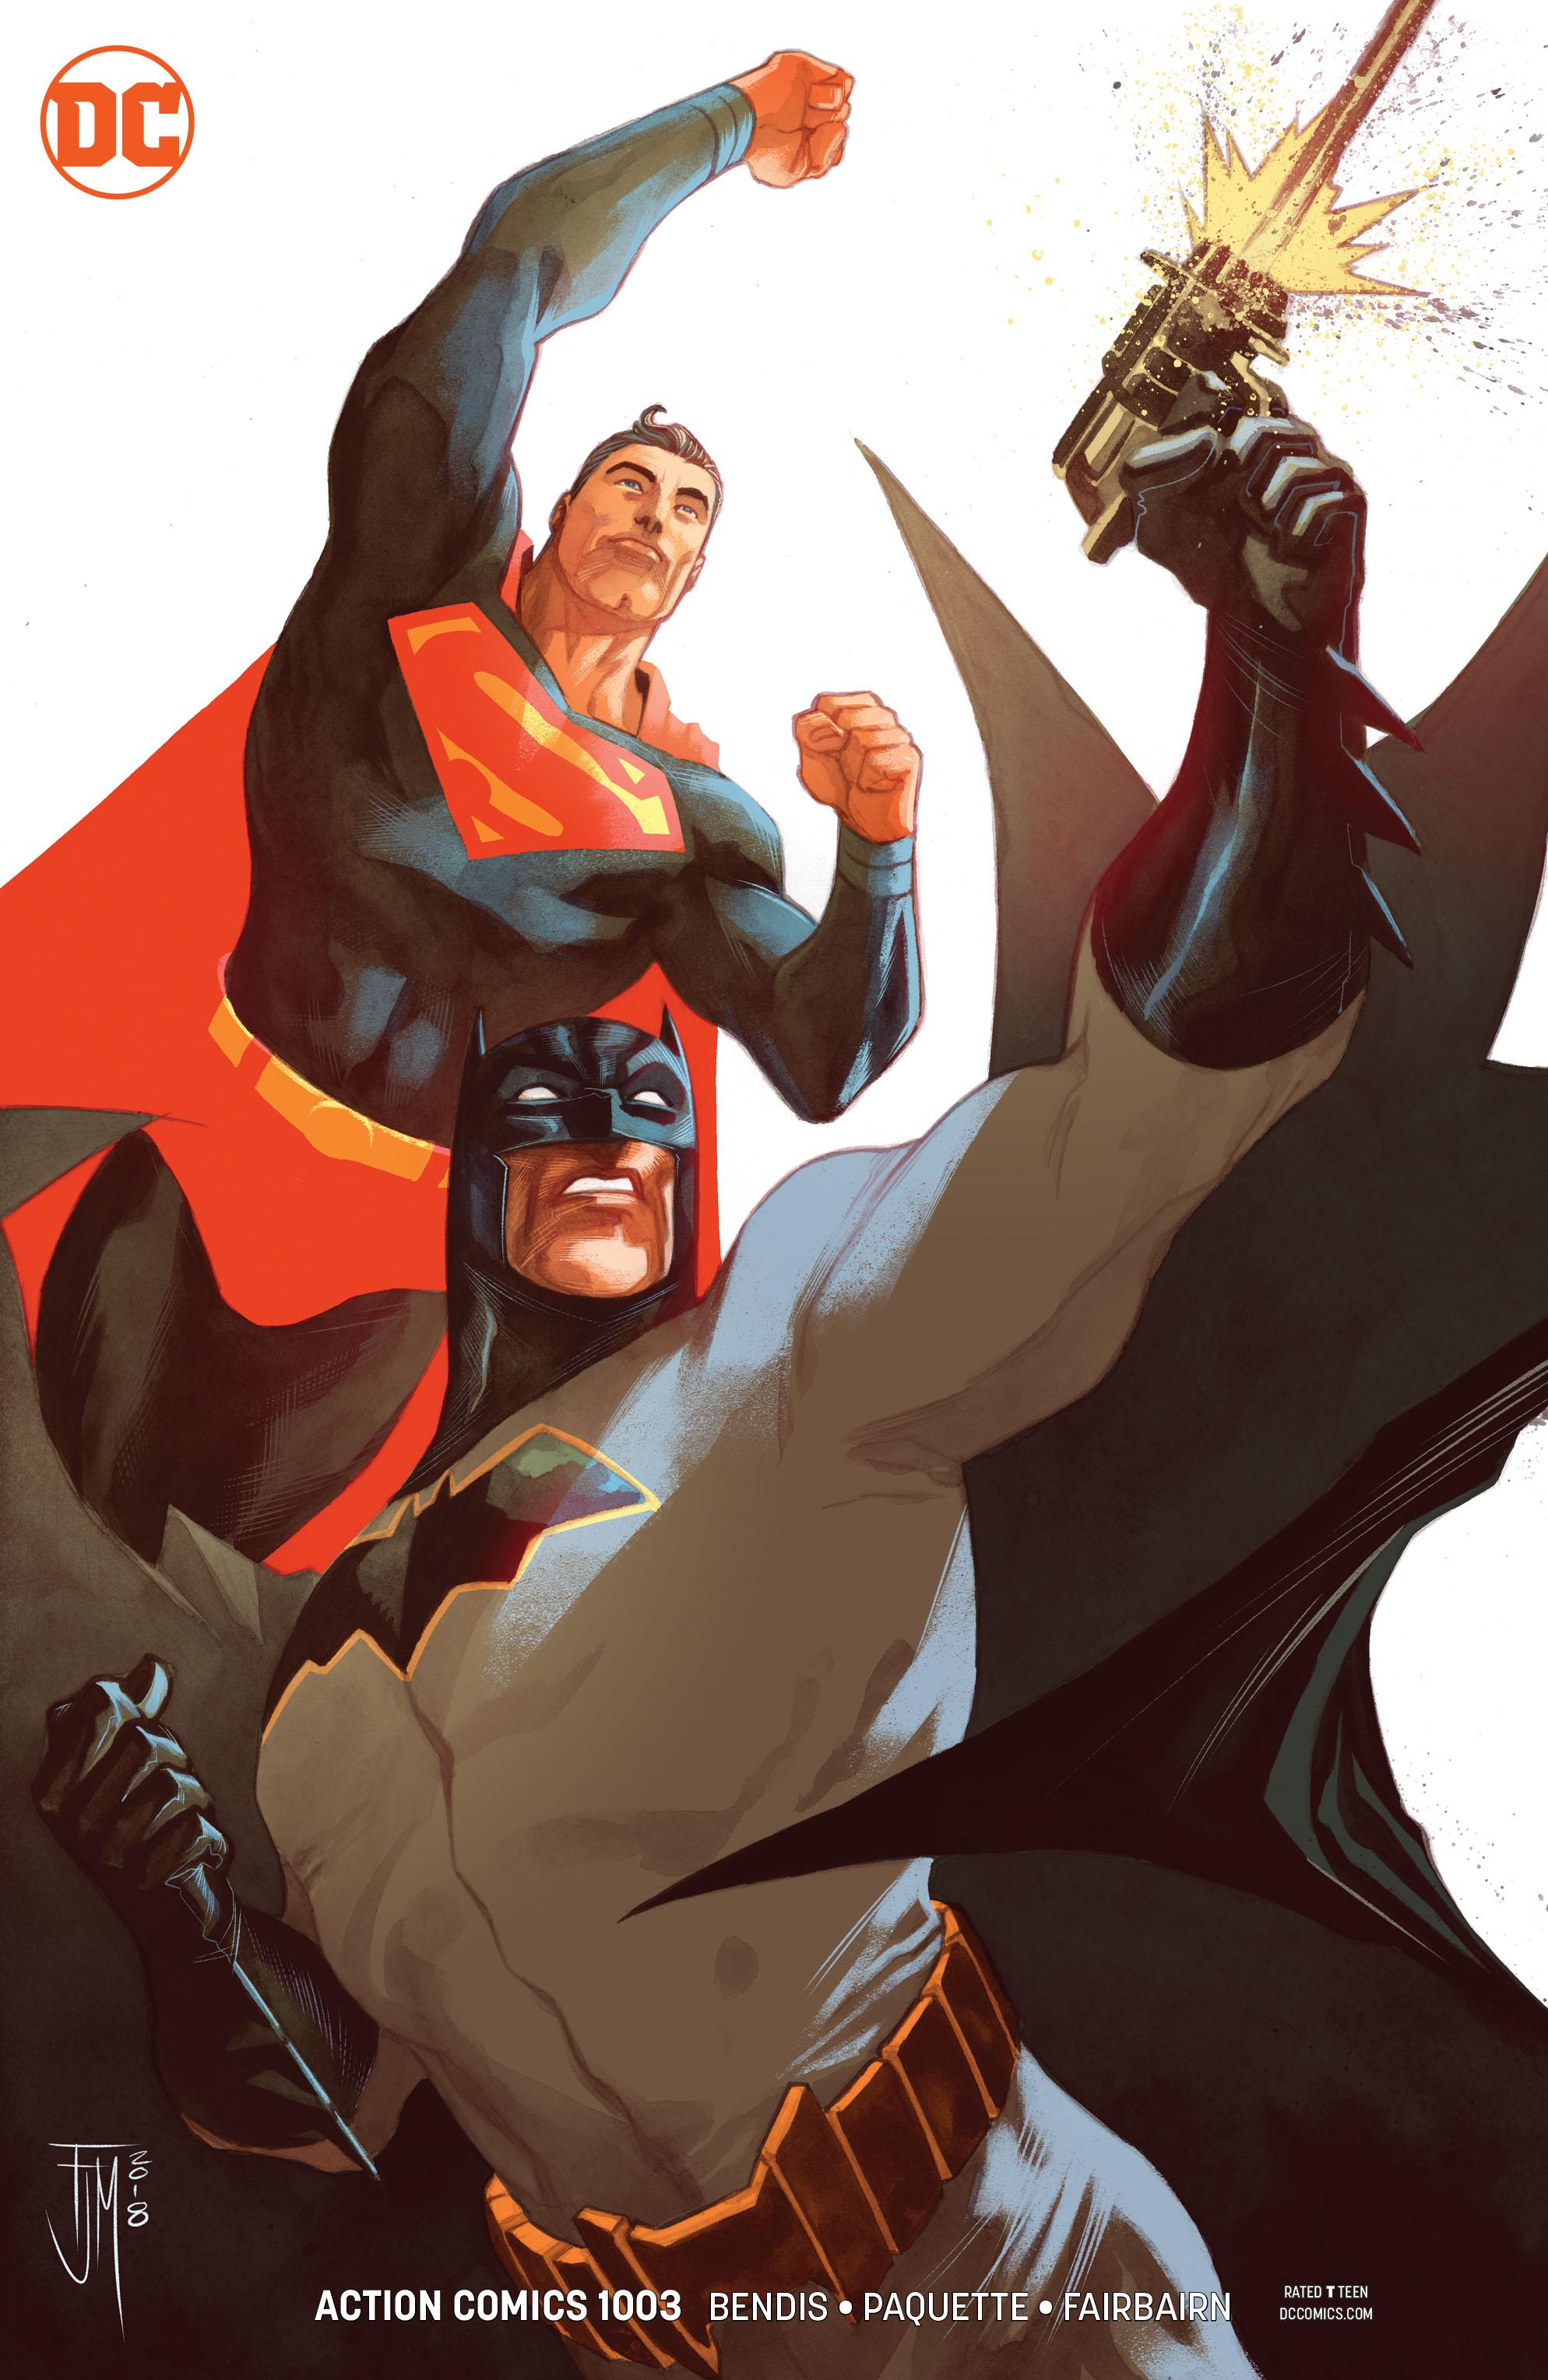 Action Comics Vol 1 1003 Manapul Variant.jpg